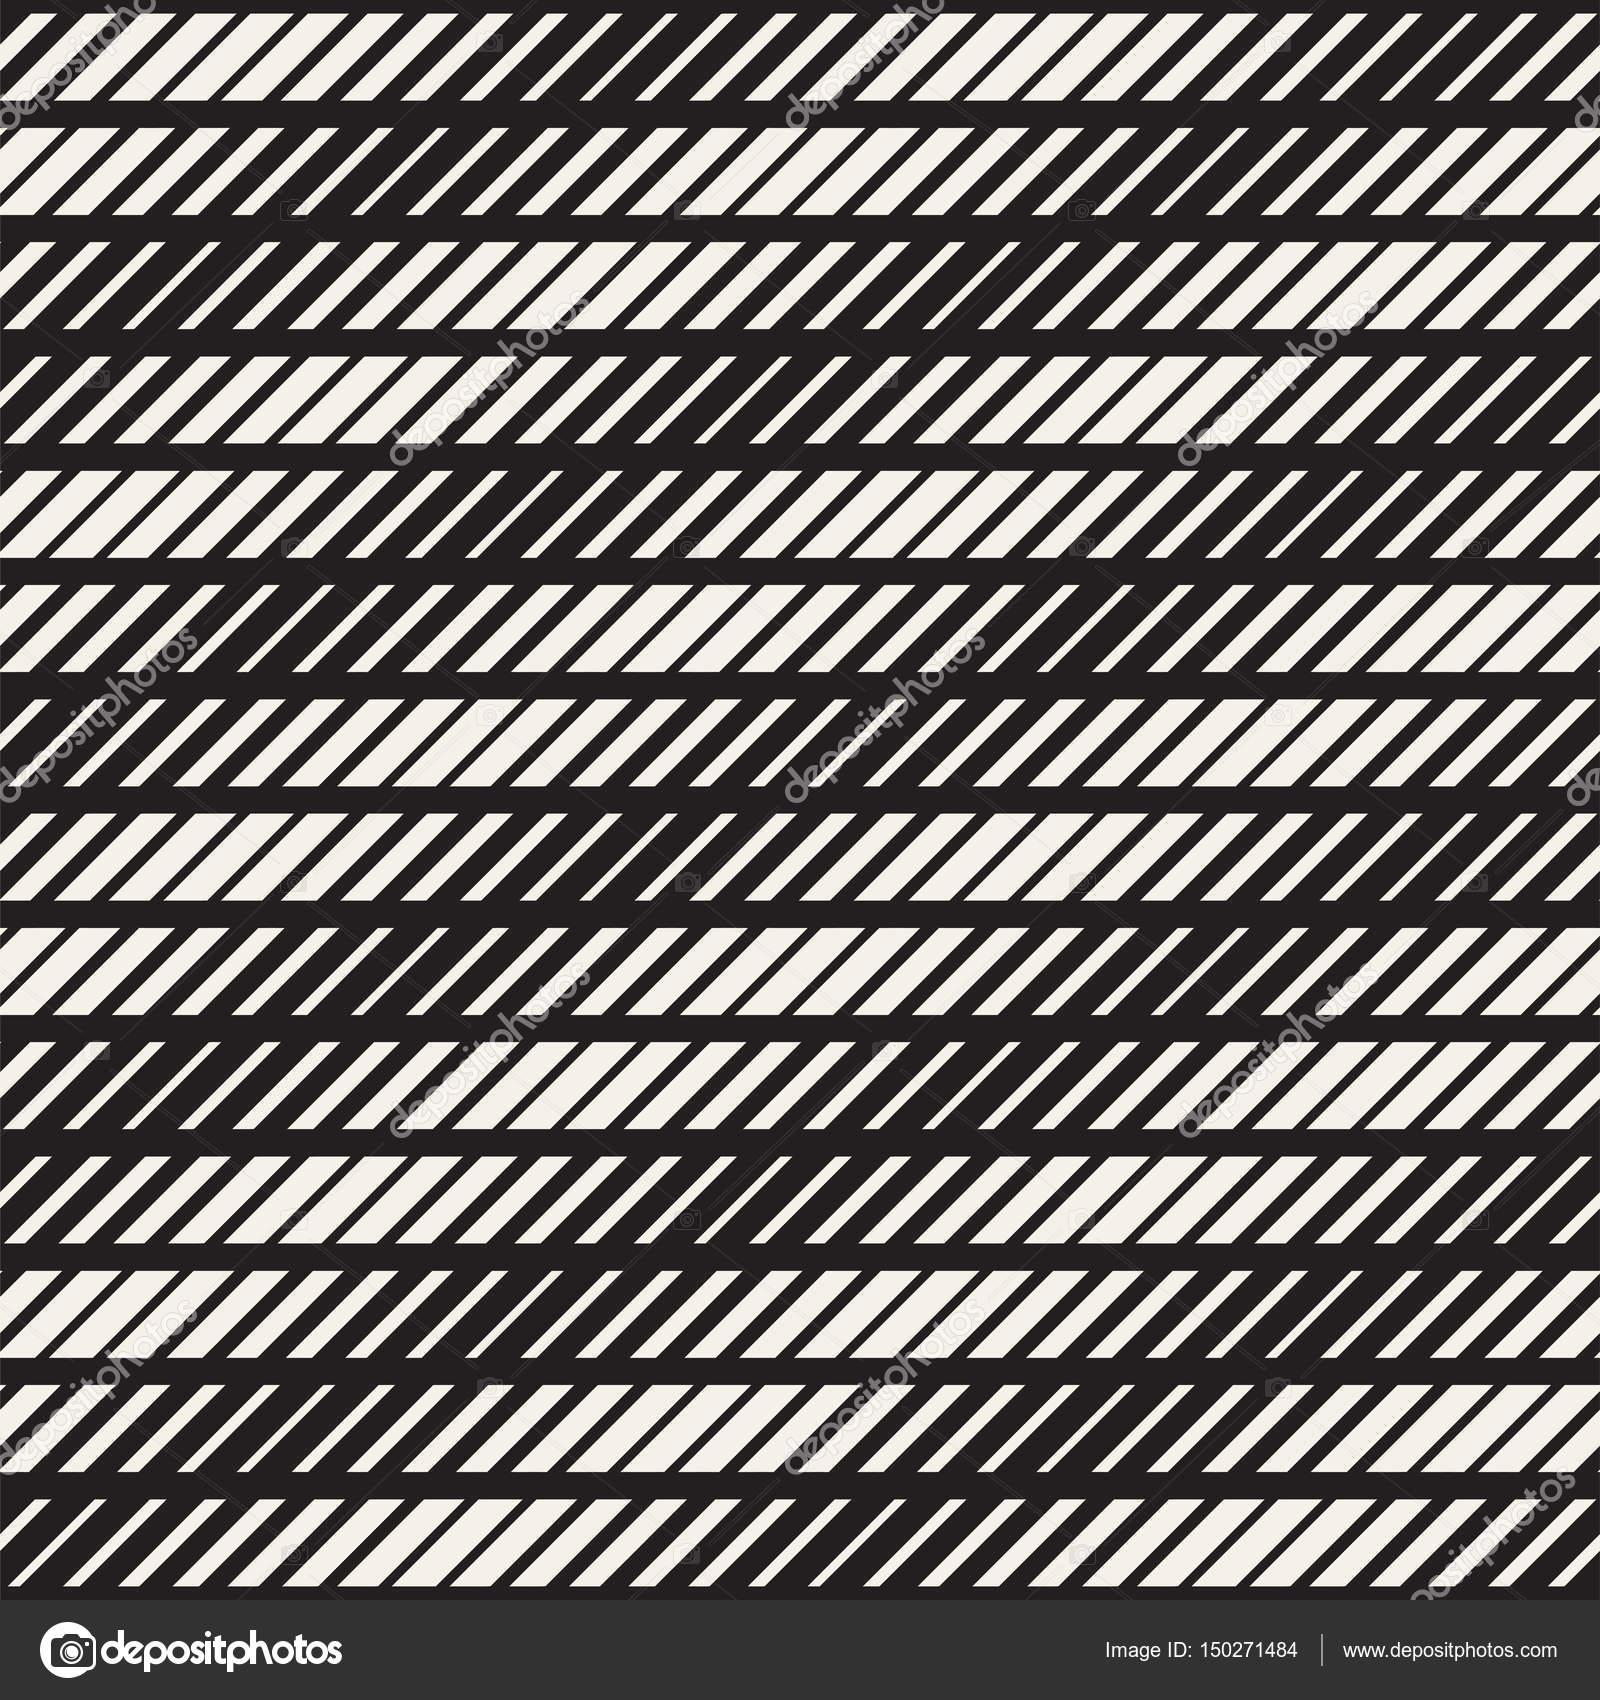 Line Halftone Gradient Effect Modern Background Design